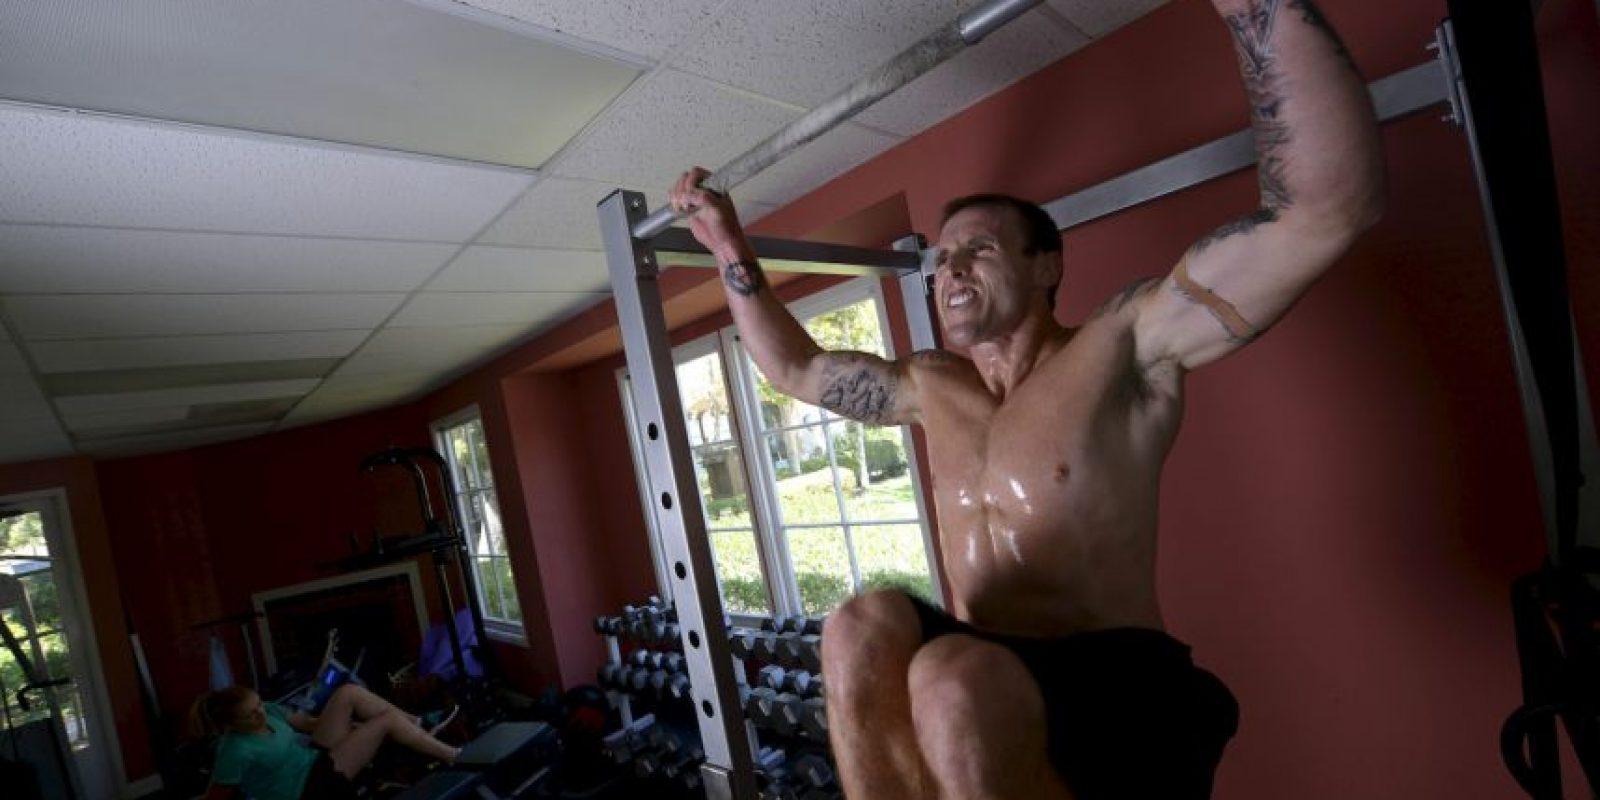 Esforzarse un poco más en la rutina o explorando más para mantenerse física y mentalmente sanos son una buena opción, menciona Chelsey Magness, acróbata profesional. Foto:Getty Images